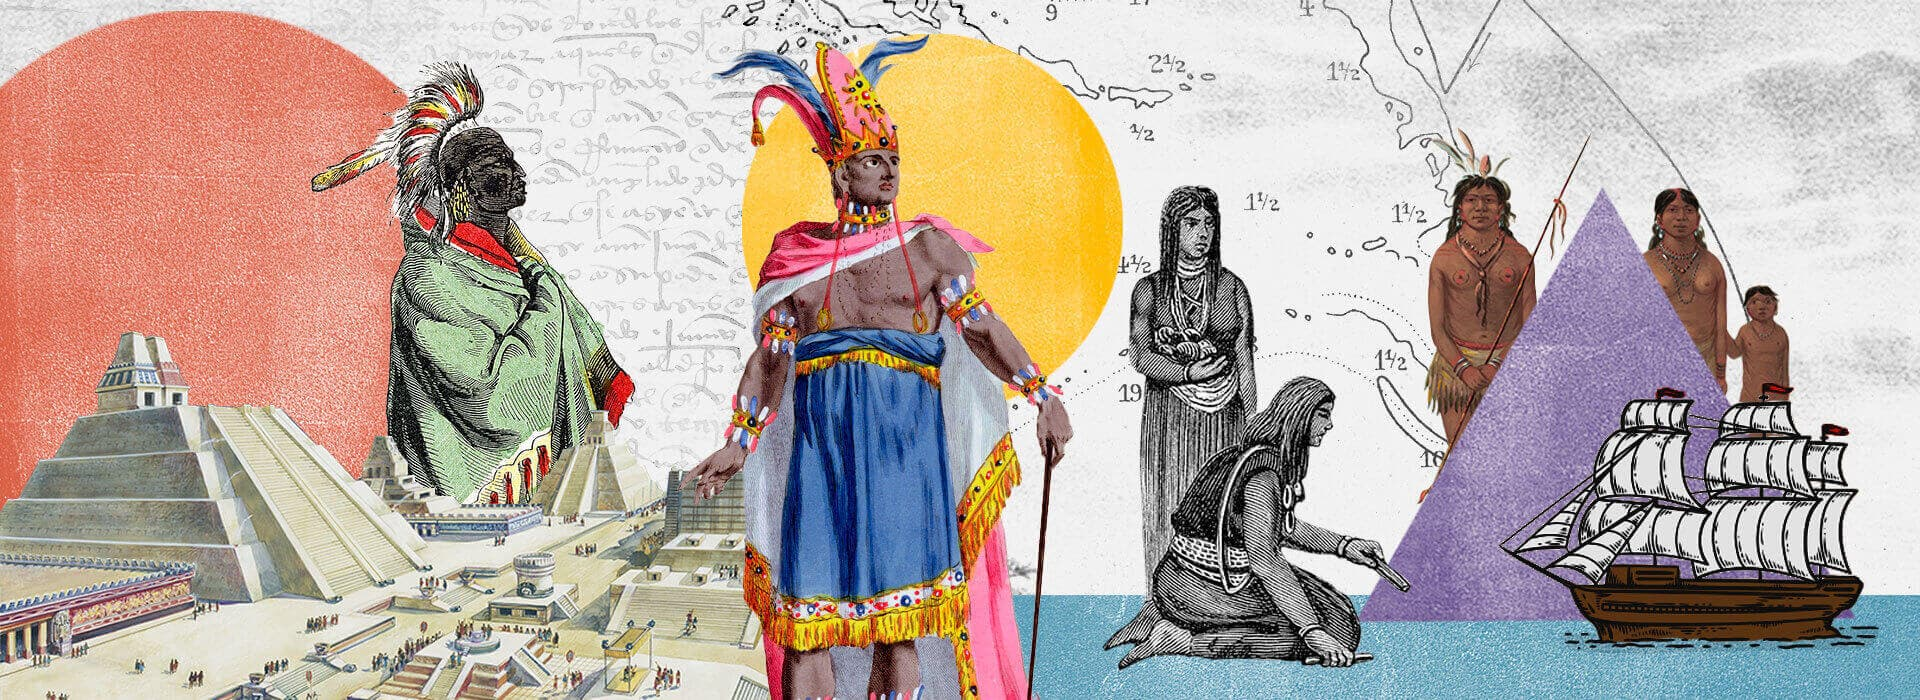 Cómo era realmente América antes de la llegada de Cristóbal Colón